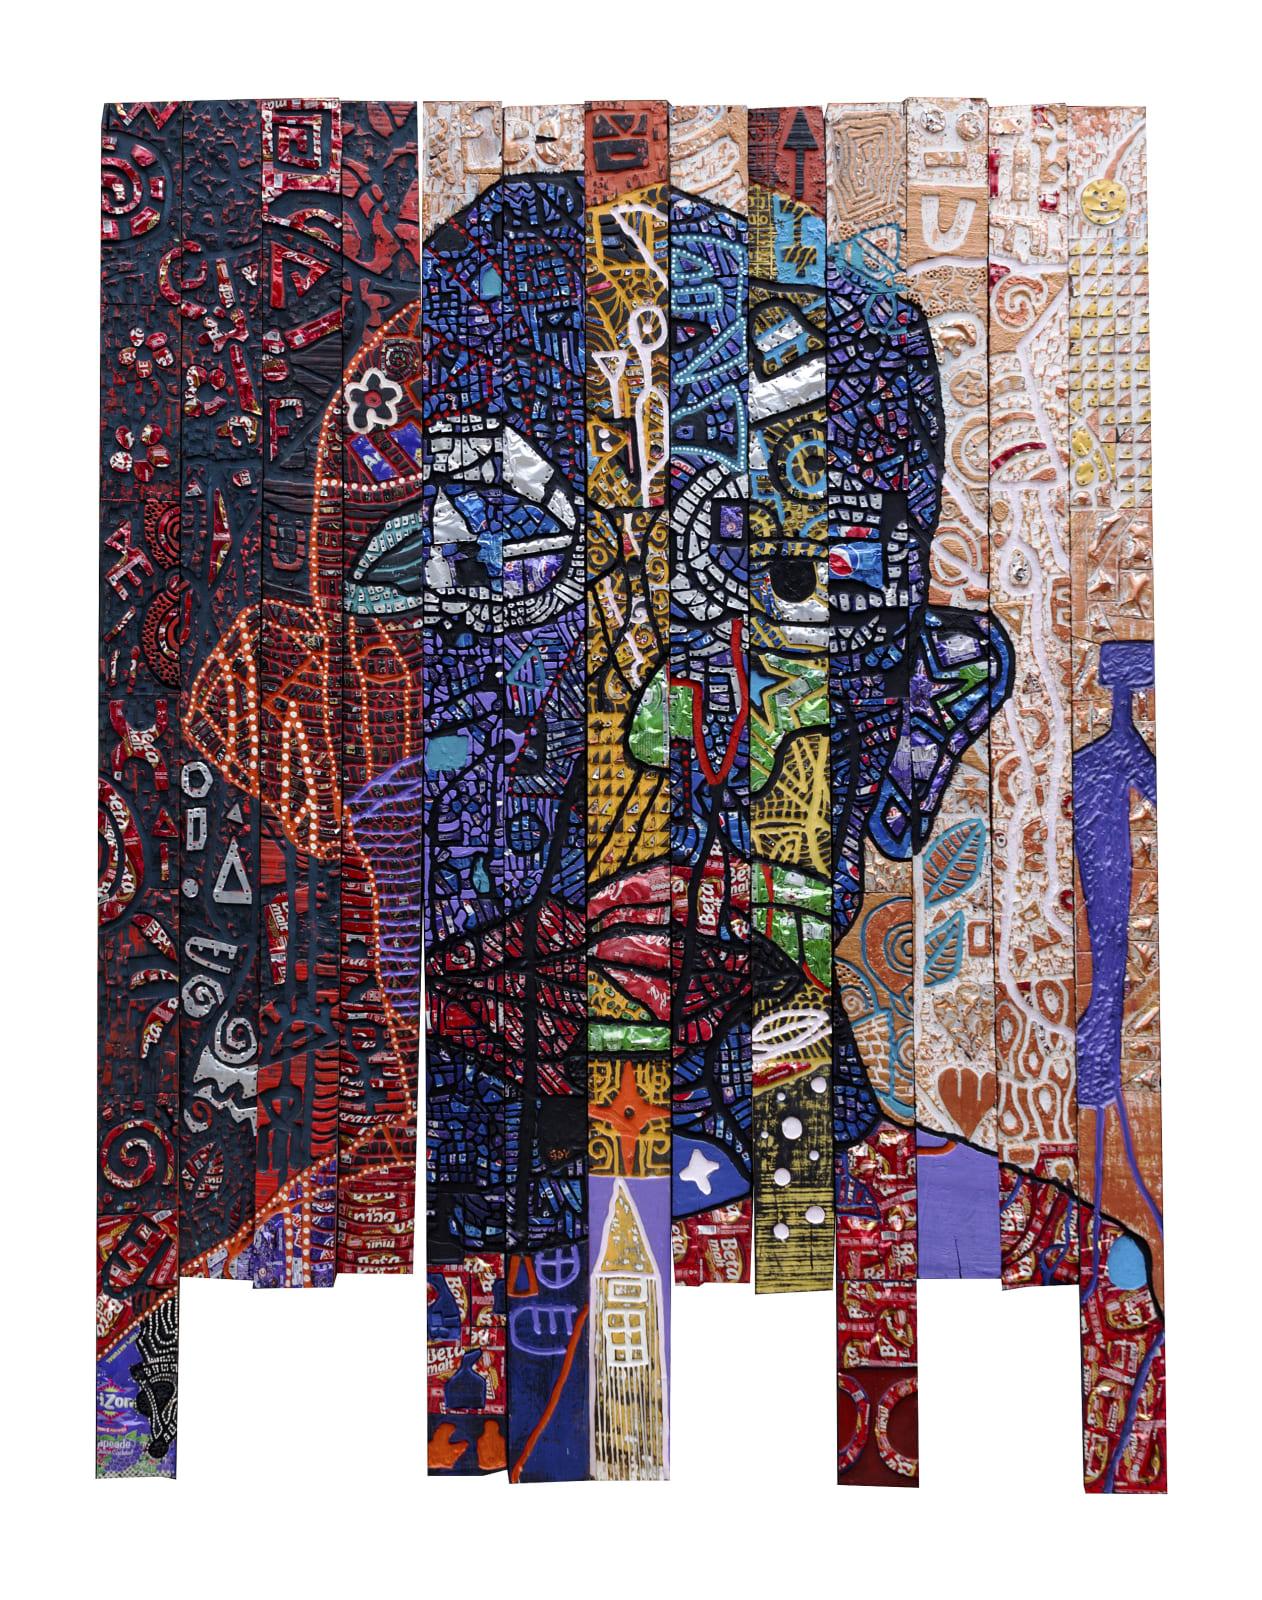 Gerald Chukwuma, Untitled